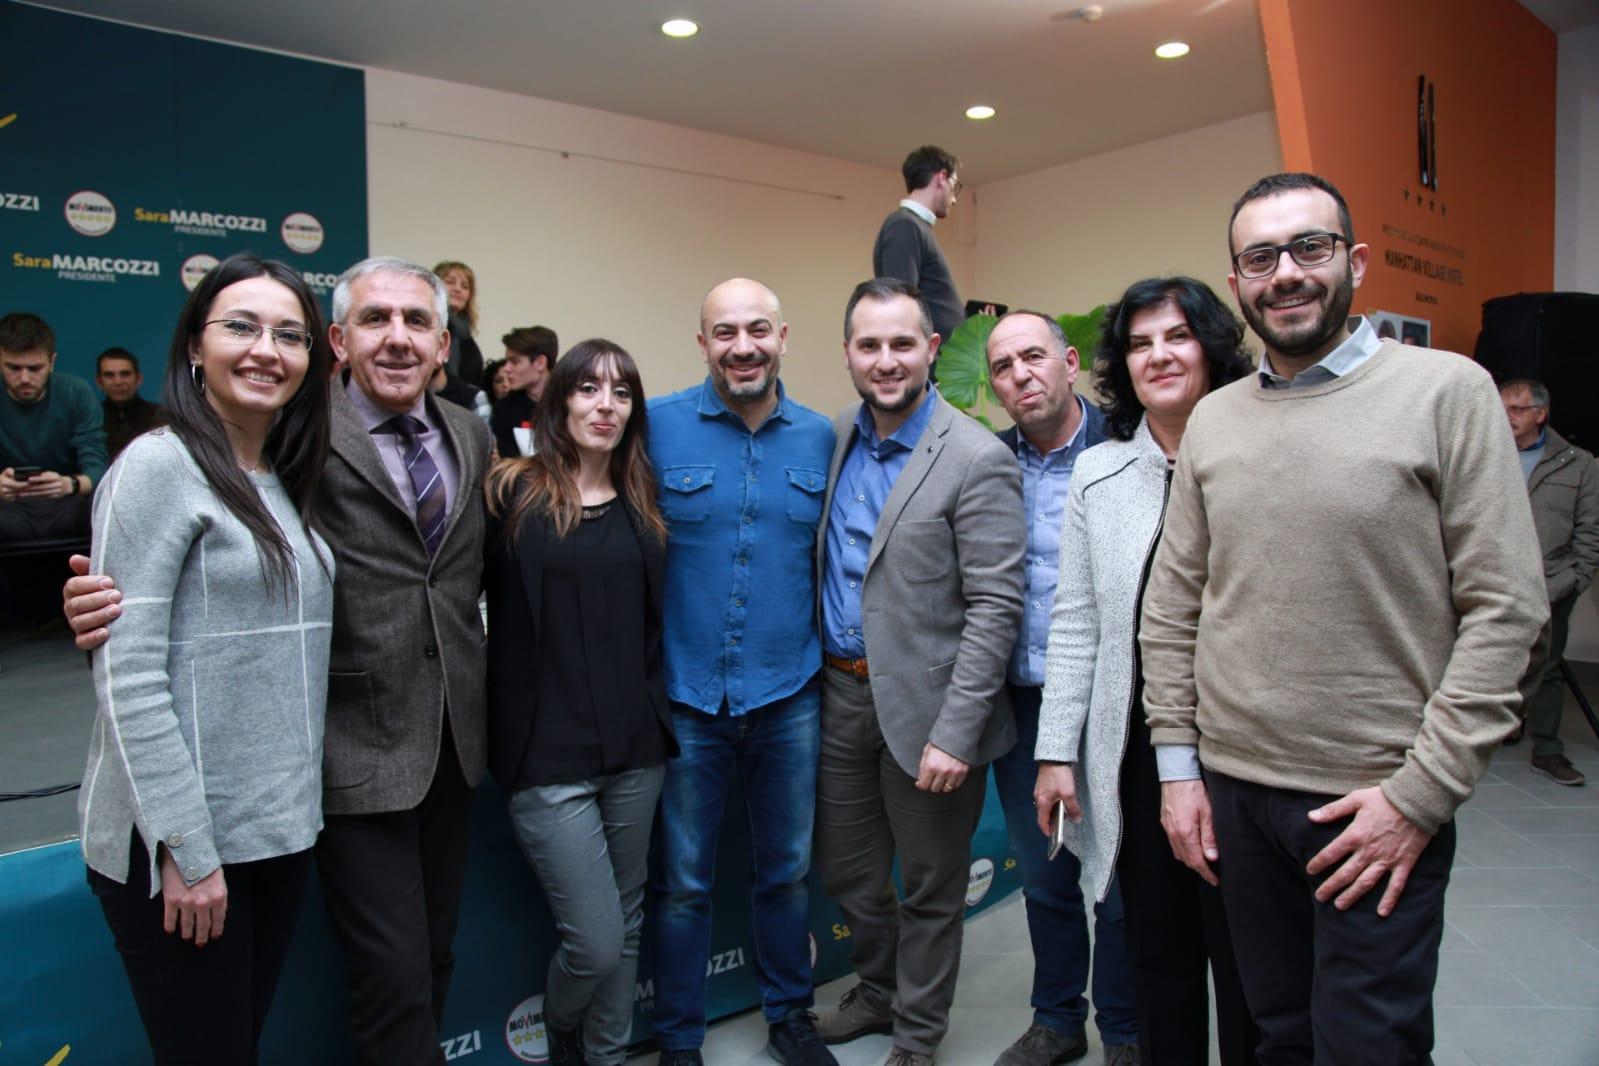 M5s Avezzano, il Vice Premier Di Maio e Marcozzi al Castello Orsini il 20 gennaio